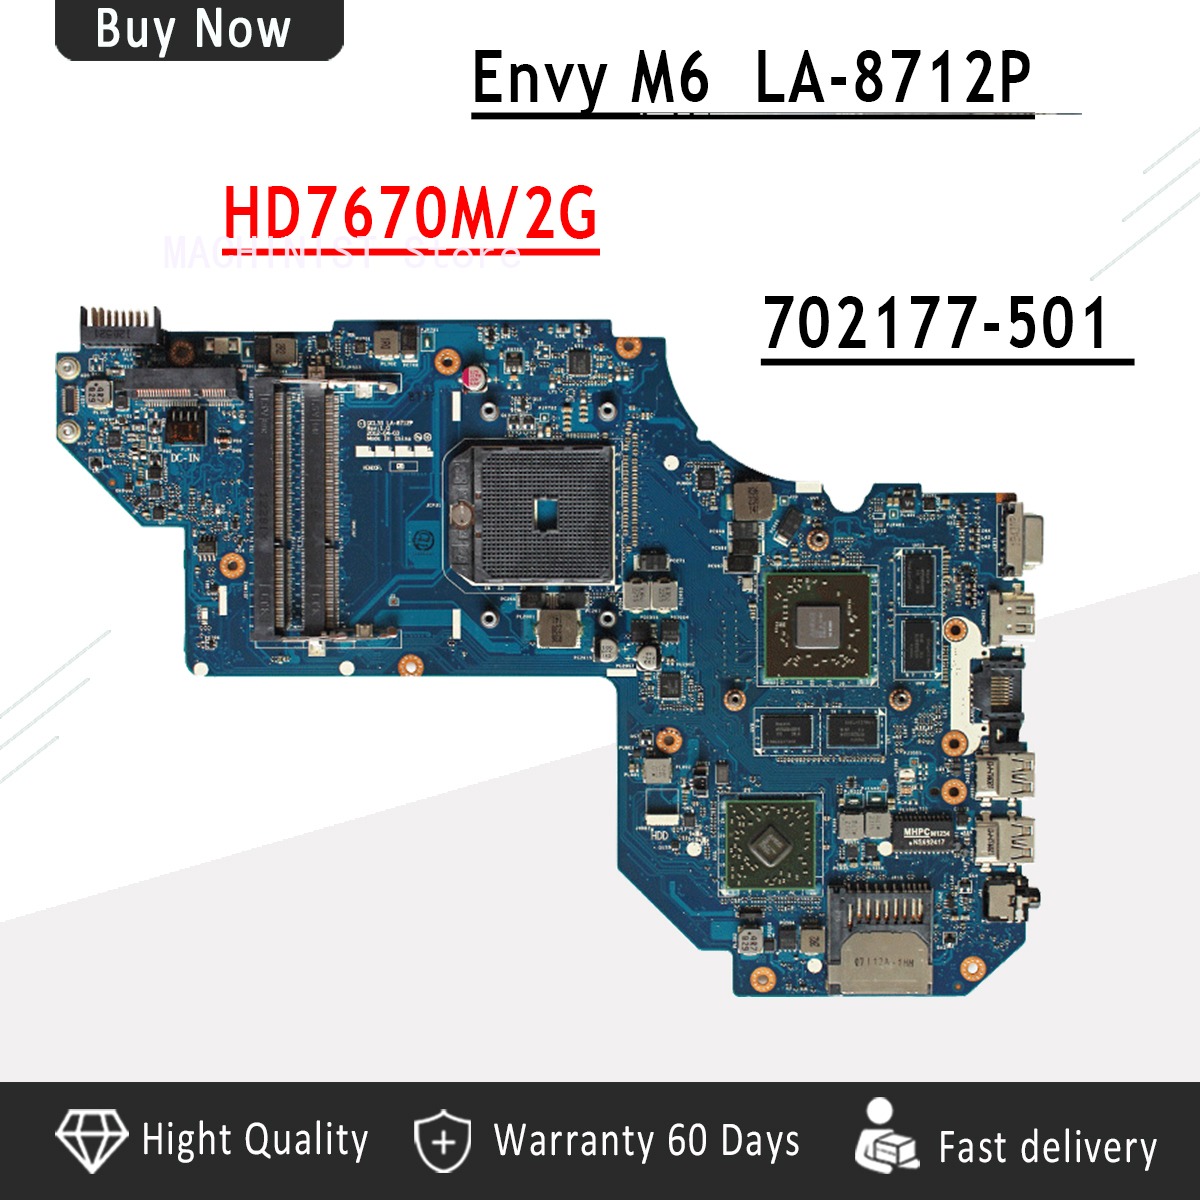 For HP pavilion ENVY M6 M6-1000 laptop notebook motherboard QCL51 LA-8712P HD7670M/2G 702177-501 DDR3For HP pavilion ENVY M6 M6-1000 laptop notebook motherboard QCL51 LA-8712P HD7670M/2G 702177-501 DDR3